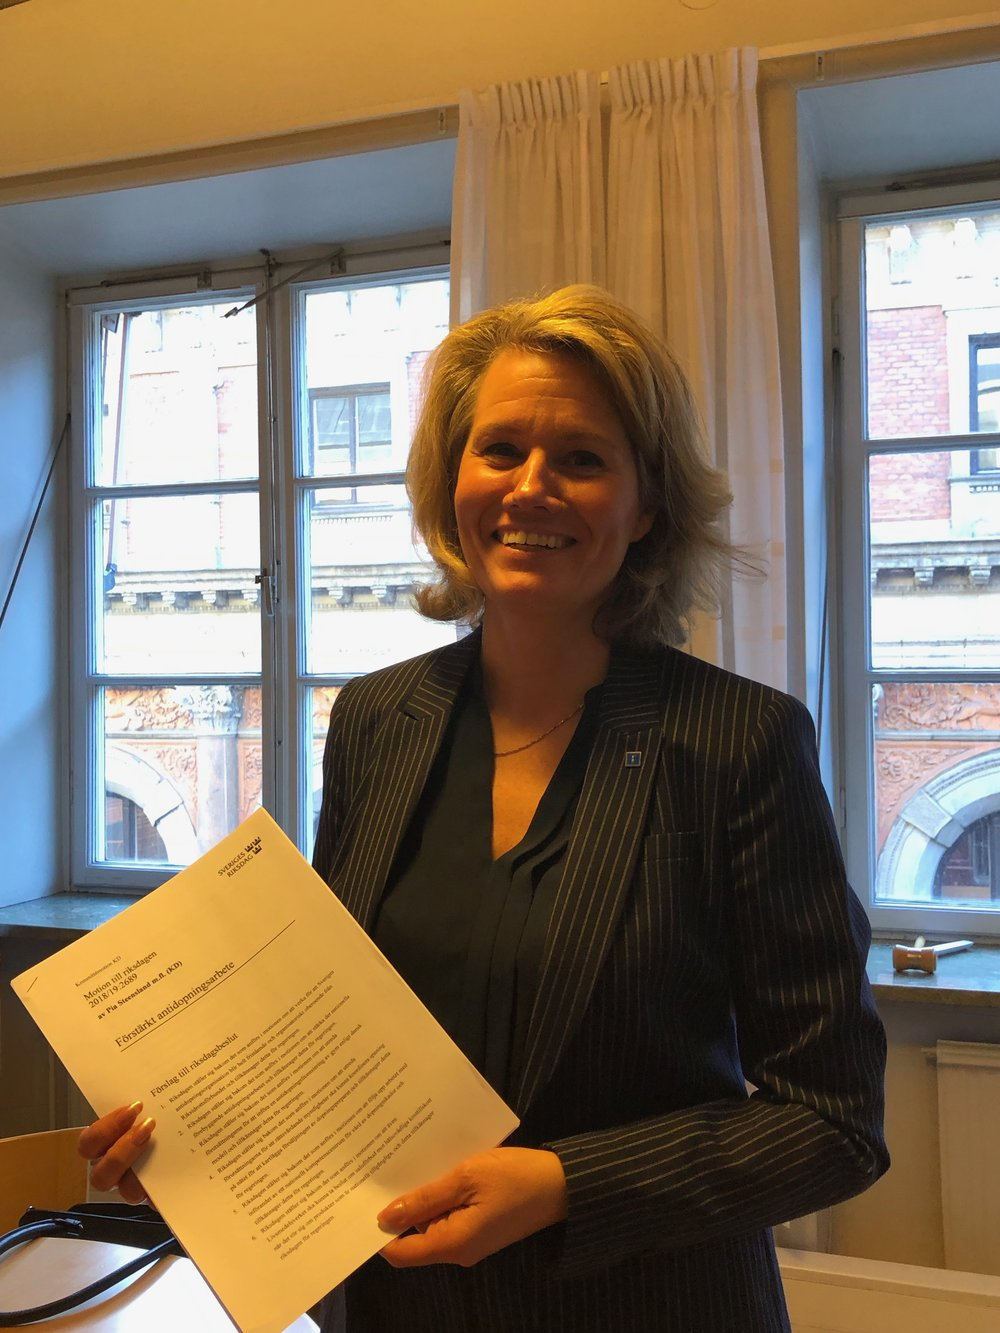 Pia Steensland, kristdemokratisk Riksdagskvinna, håller i den kommitémotion hon tagit initiativet till. Motionen, som spänner brett över dopningsproblematiken, ska upp i Riksdagen senare i vår.